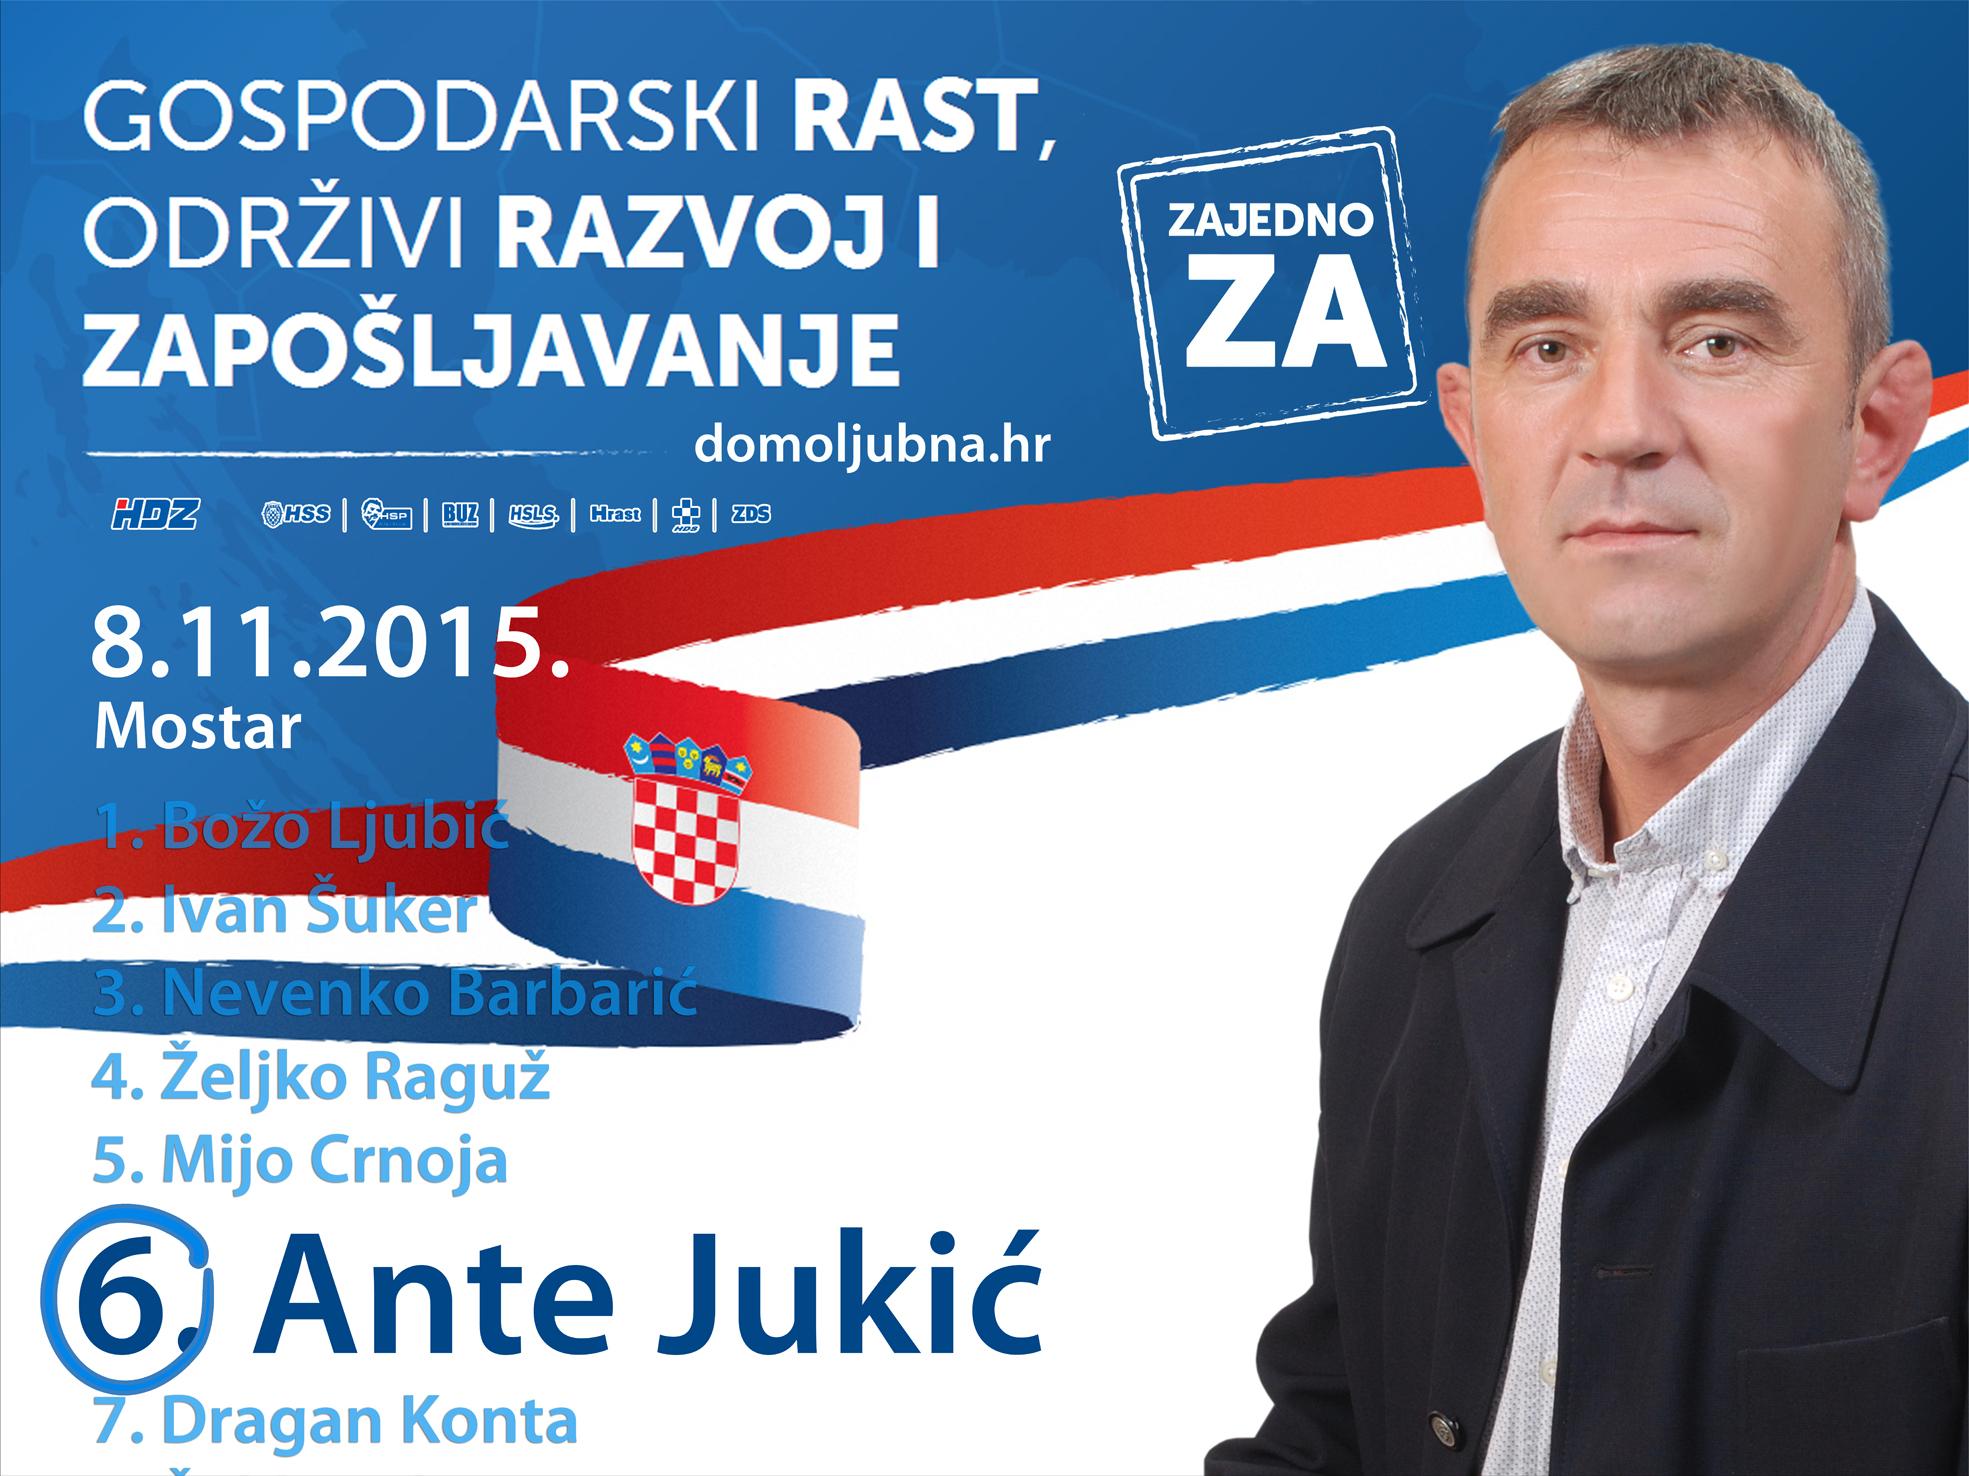 Intervju s Antom Jukićem, kandidatom HSS-a za Hrvatski sabor na listi Domoljubne koalicije